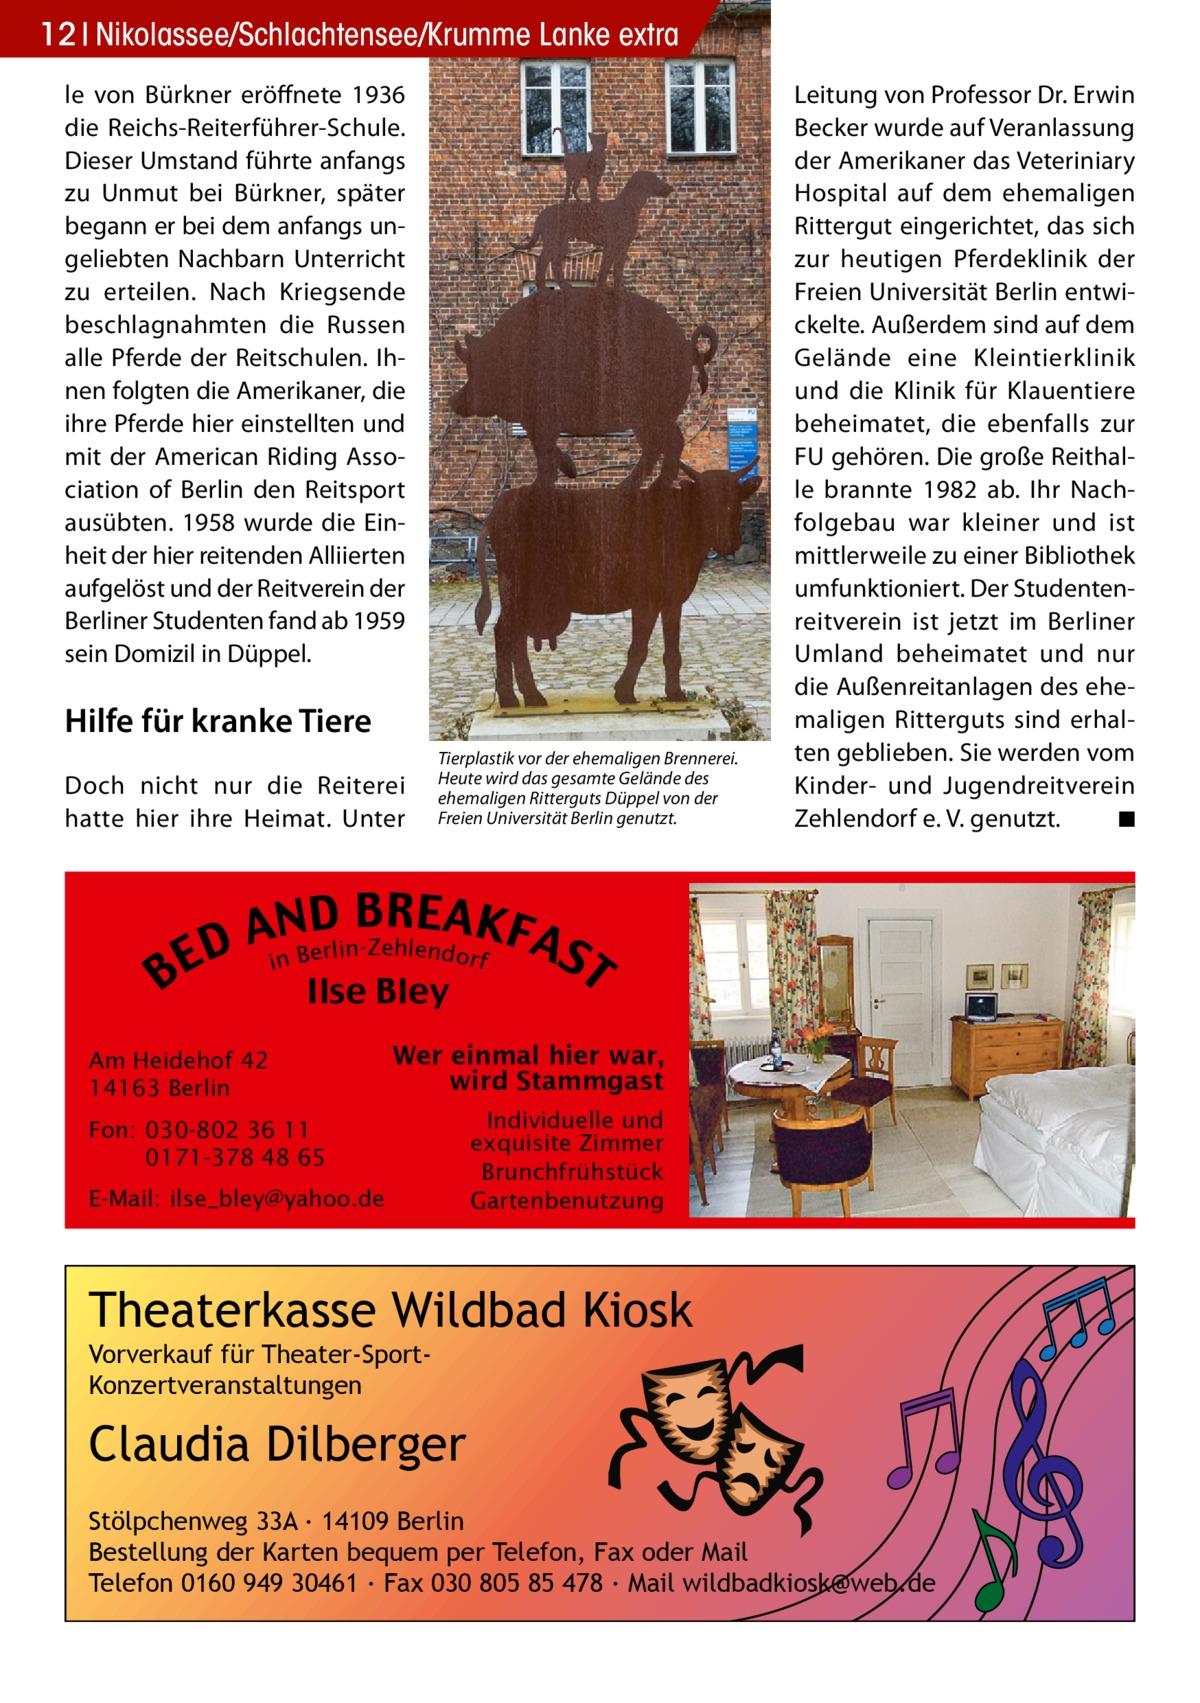 12 Nikolassee/Schlachtensee/Krumme Lanke extra le von Bürkner eröffnete 1936 die Reichs-Reiterführer-Schule. Dieser Umstand führte anfangs zu Unmut bei Bürkner, später begann er bei dem anfangs ungeliebten Nachbarn Unterricht zu erteilen. Nach Kriegsende beschlagnahmten die Russen alle Pferde der Reitschulen. Ihnen folgten die Amerikaner, die ihre Pferde hier einstellten und mit der American Riding Association of Berlin den Reitsport ausübten. 1958 wurde die Einheit der hier reitenden Alliierten aufgelöst und der Reitverein der Berliner Studenten fand ab 1959 sein Domizil in Düppel.  Hilfe für kranke Tiere Doch nicht nur die Reiterei hatte hier ihre Heimat. Unter  BE  Tierplastik vor der ehemaligen Brennerei. Heute wird das gesamte Gelände des ehemaligen Ritterguts Düppel von der Freien Universität Berlin genutzt.  RE AKF NDrlinB A AS e Z hlendor e D nB f i  Ilse Bley  Am Heidehof 42 14163 Berlin  Leitung von Professor Dr. Erwin Becker wurde auf Veranlassung der Amerikaner das Veteriniary Hospital auf dem ehemaligen Rittergut eingerichtet, das sich zur heutigen Pferdeklinik der Freien Universität Berlin entwickelte. Außerdem sind auf dem Gelände eine Kleintierklinik und die Klinik für Klauentiere beheimatet, die ebenfalls zur FU gehören. Die große Reithalle brannte 1982 ab. Ihr Nachfolgebau war kleiner und ist mittlerweile zu einer Bibliothek umfunktioniert. Der Studentenreitverein ist jetzt im Berliner Umland beheimatet und nur die Außenreitanlagen des ehemaligen Ritterguts sind erhalten geblieben. Sie werden vom Kinder- und Jugendreitverein Zehlendorf e. V. genutzt. � ◾  T  Wer einmal hier war, wird Stammgast  Fon: 030-802 36 11 0171-378 48 65 E-Mail: ilse_bley@yahoo.de  Individuelle und exquisite Zimmer Brunchfrühstück Gartenbenutzung  Theaterkasse Wildbad Kiosk Vorverkauf für Theater-SportKonzertveranstaltungen  Claudia Dilberger Stölpchenweg 33A ∙ 14109 Berlin Bestellung der Karten bequem per Telefon, Fax oder Mail Telefon 0160 949 30461 ∙ Fax 030 805 85 478 ∙ 